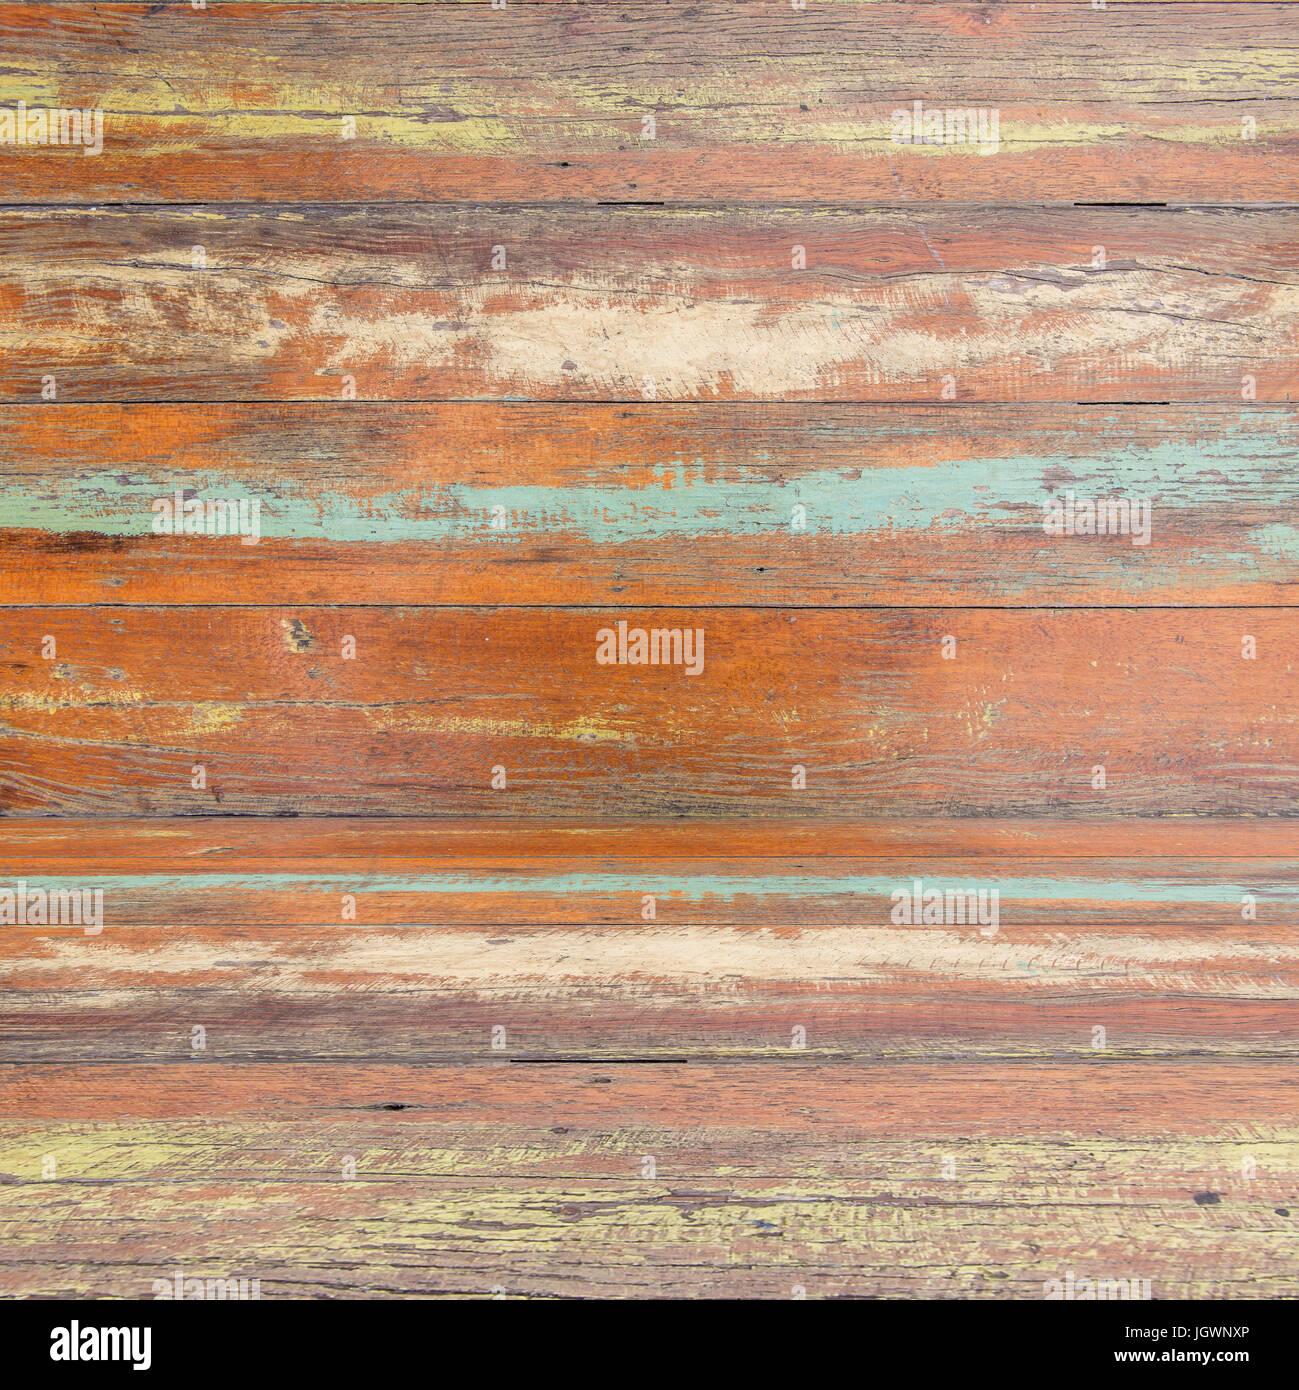 Doghe in legno parete astratta di texture di sfondo. Immagini Stock e03343c032ed